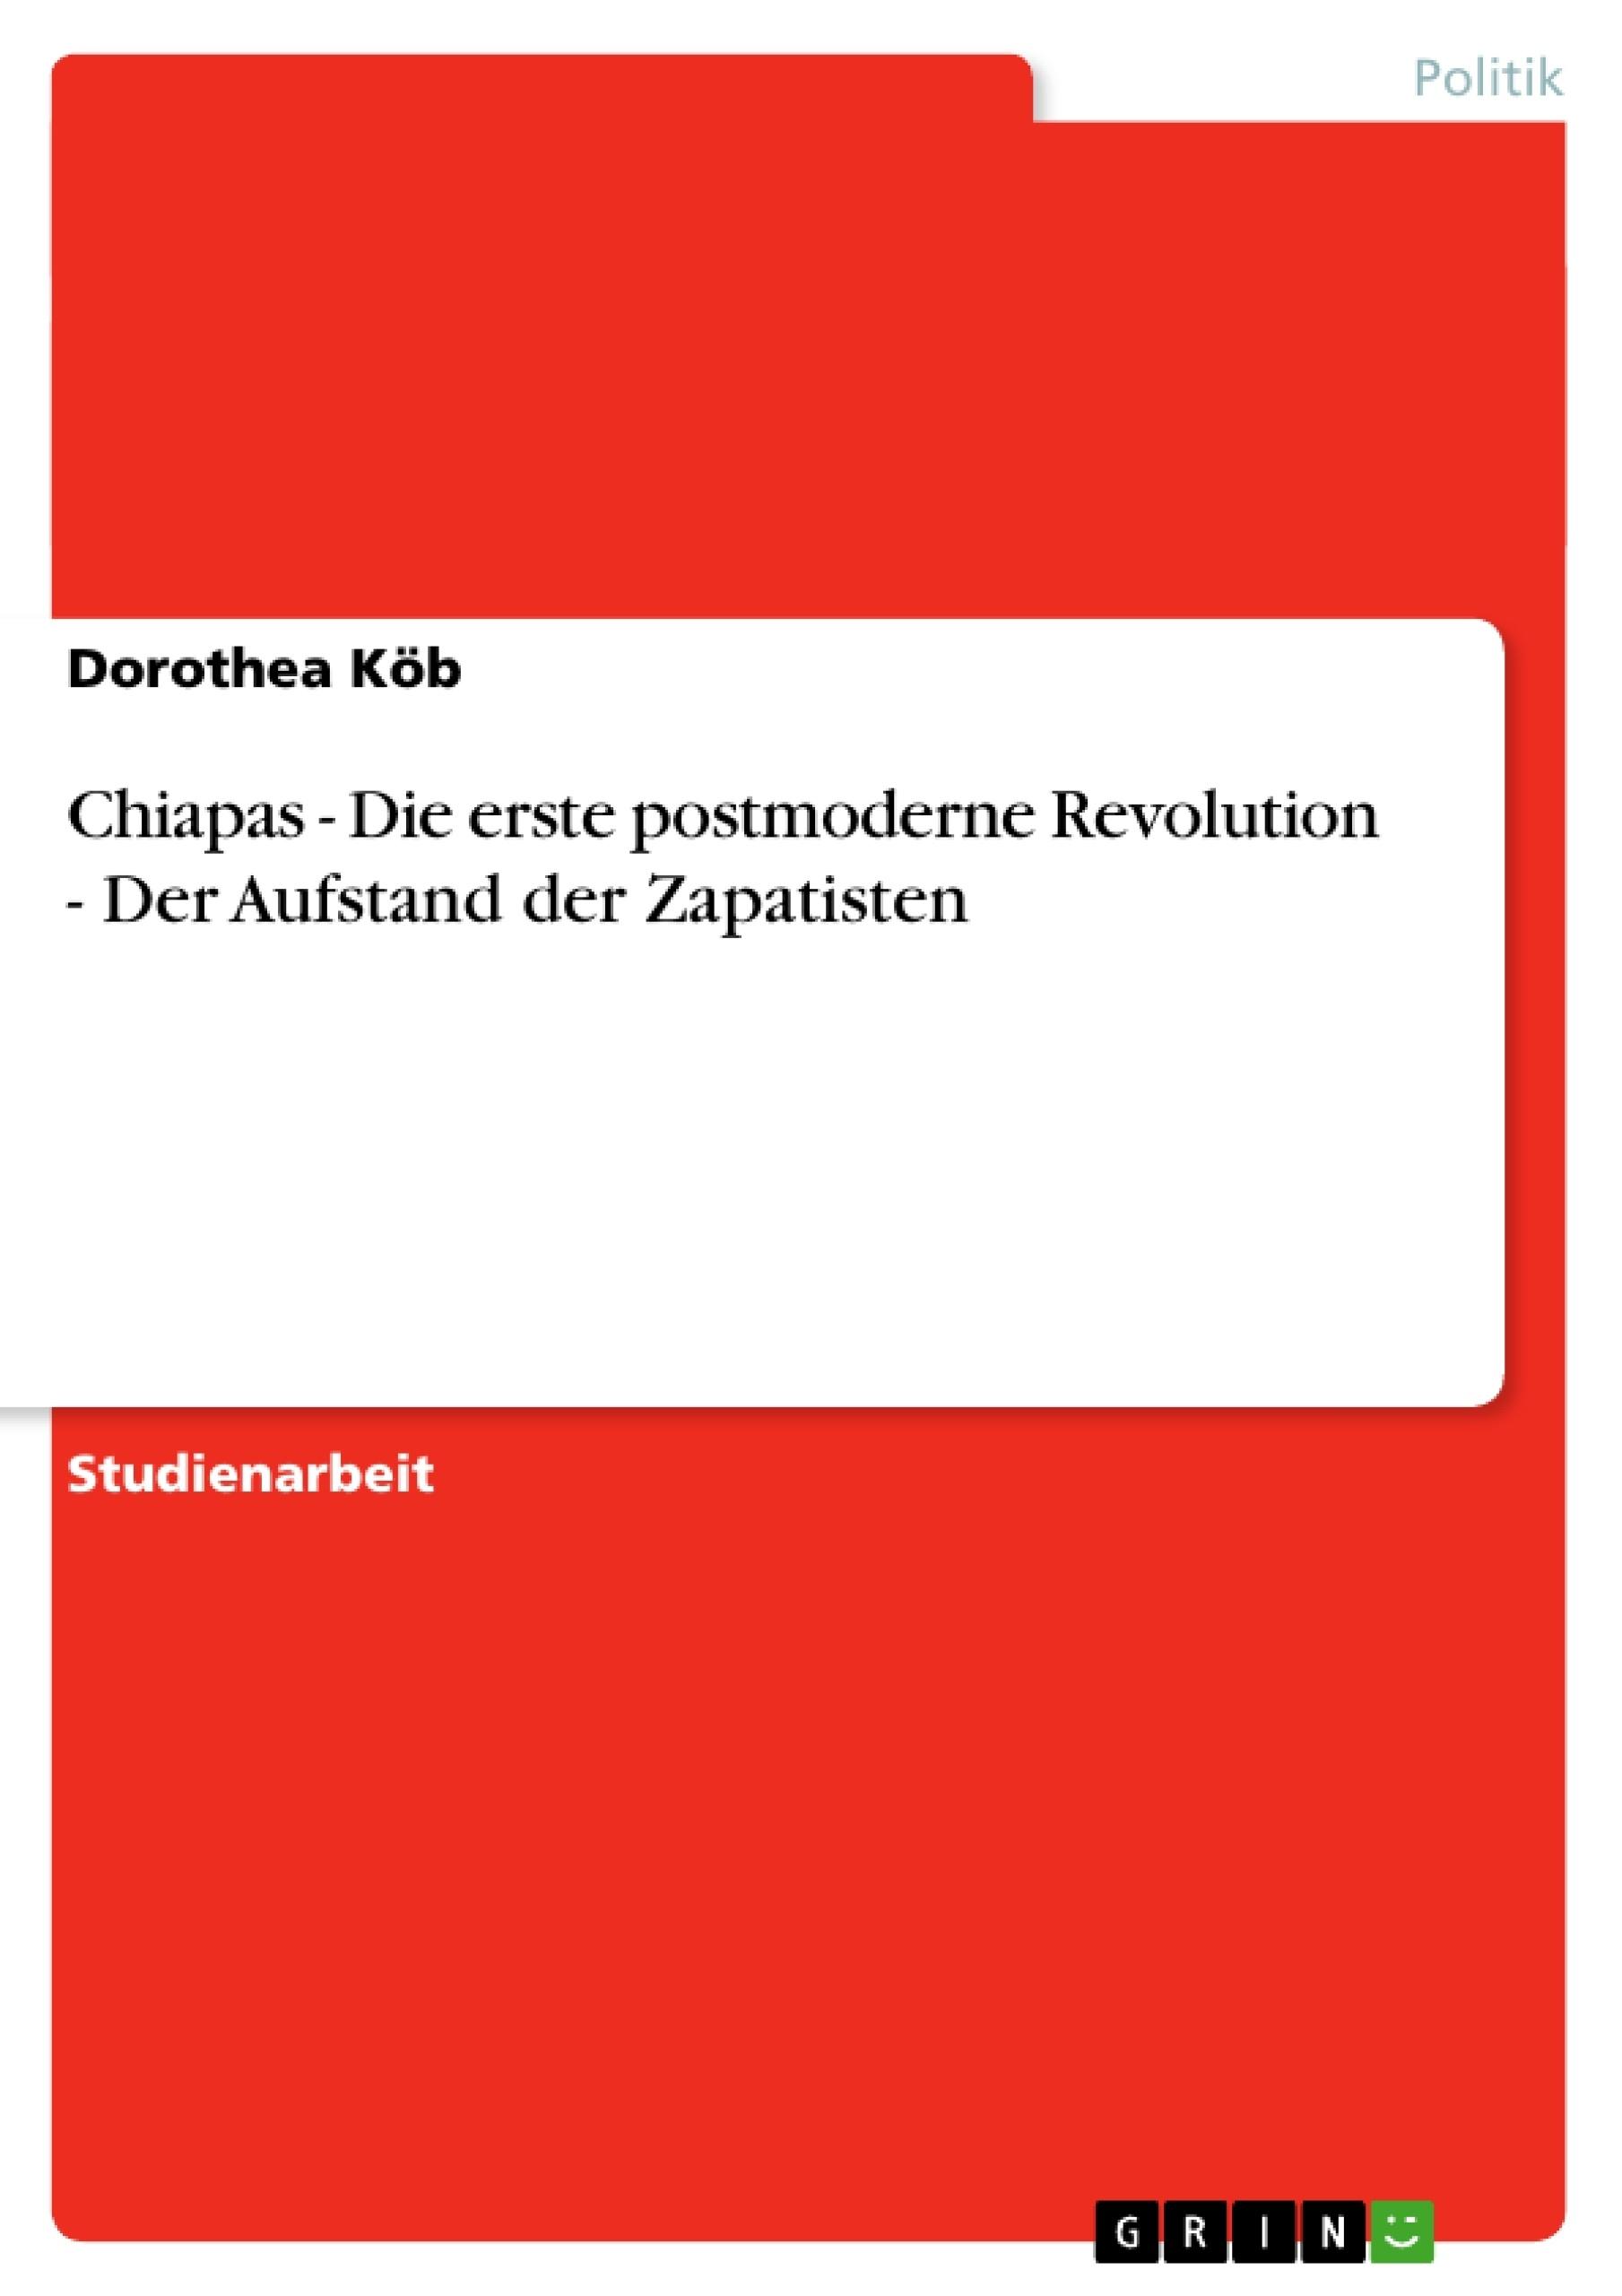 Titel: Chiapas - Die erste postmoderne Revolution - Der Aufstand der Zapatisten